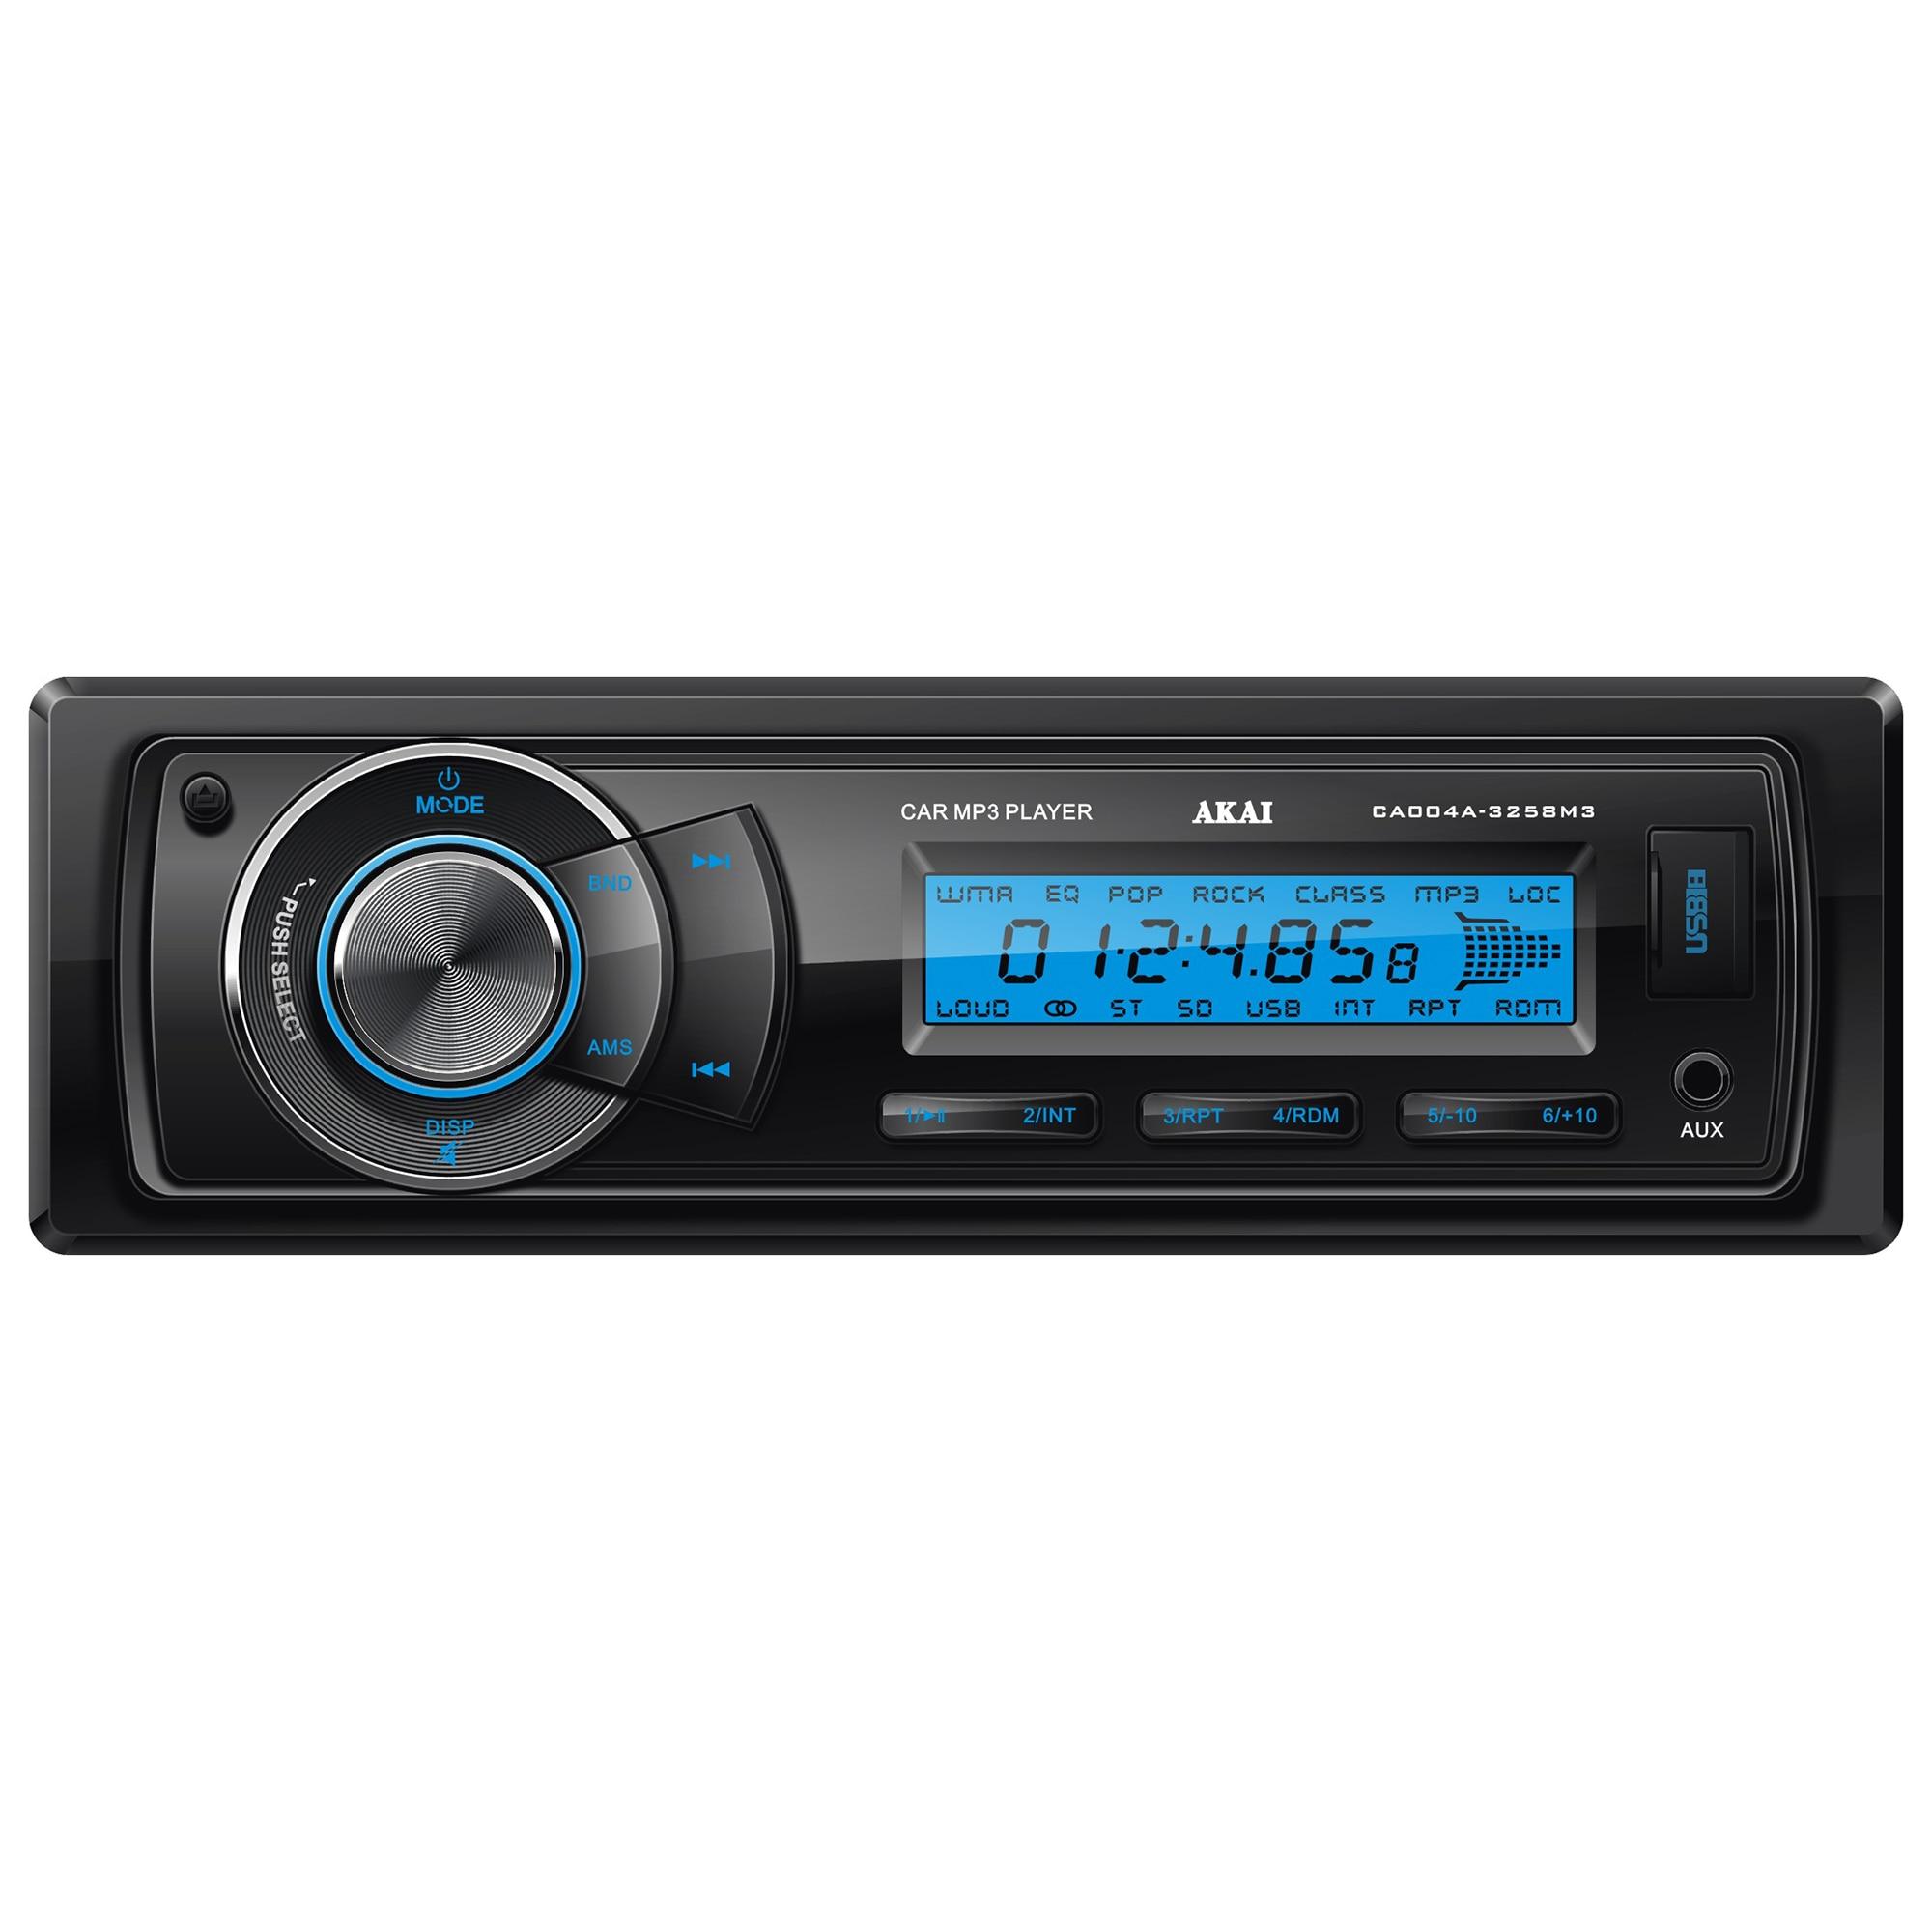 Fotografie Radio auto Akai CA004A-3258M3, 4x20W, USB, AUX